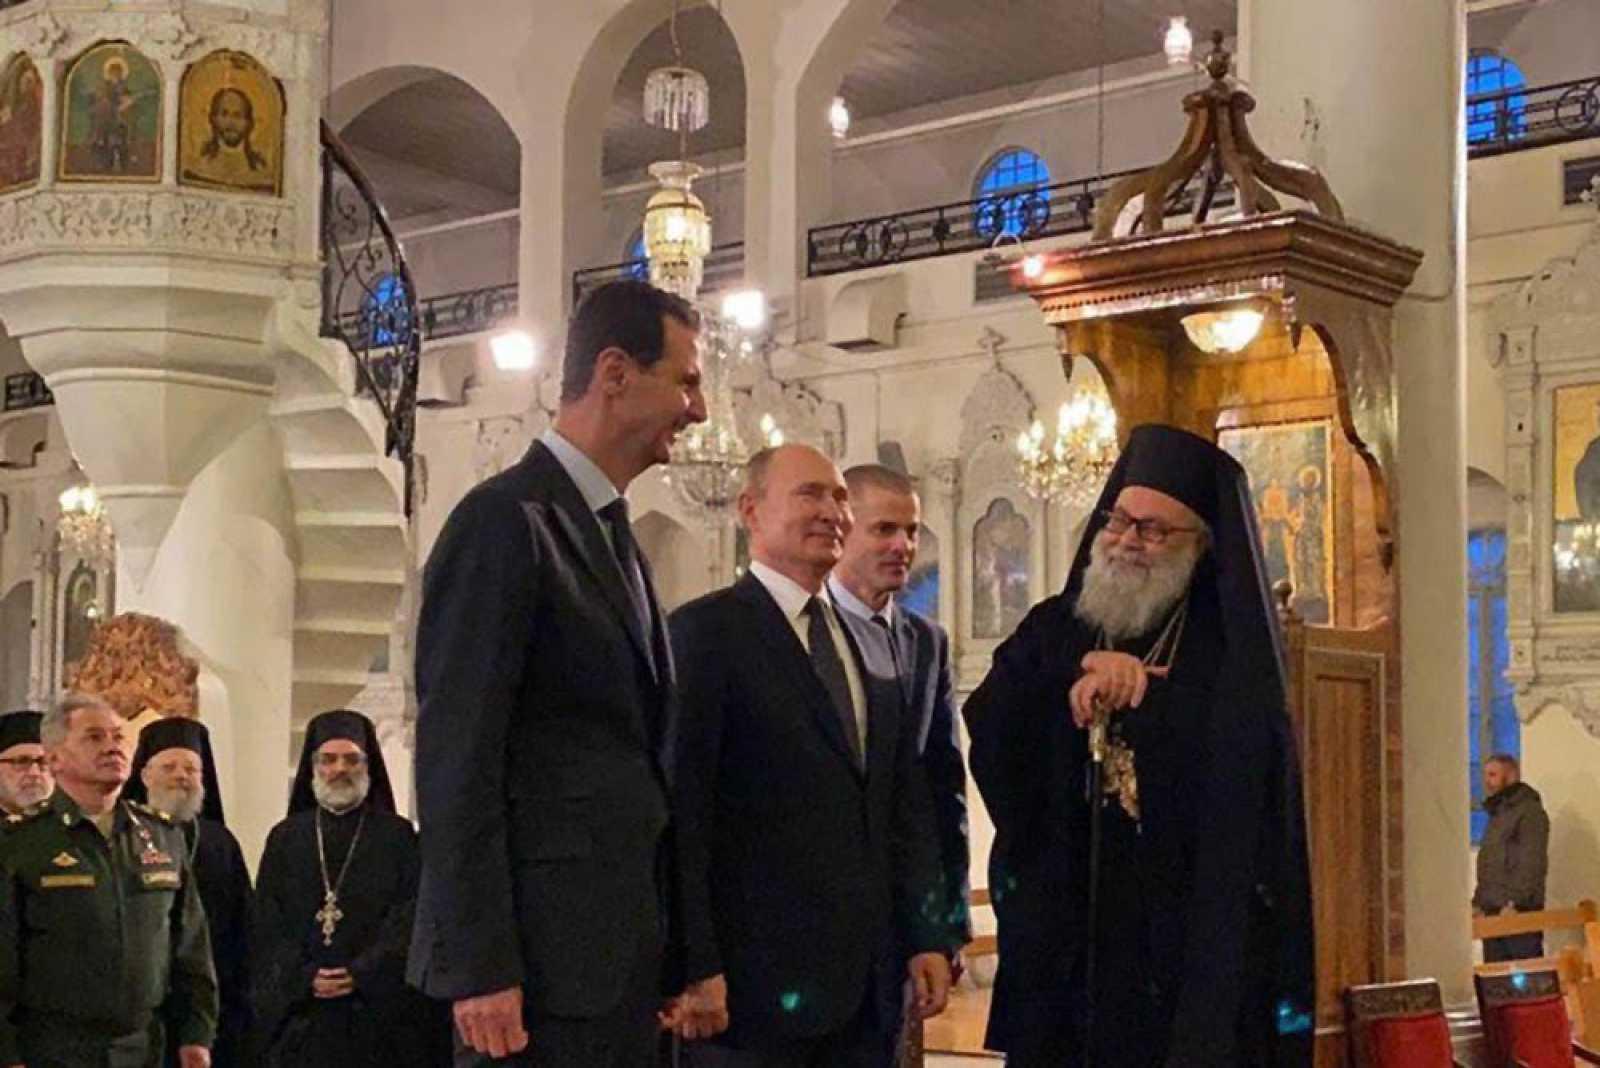 El presidente ruso, Vladímir Putin (c), ha visitado la Catedral mariamita de Damasco acompañado por su homólogo sirio, Bachar al Asad (i).